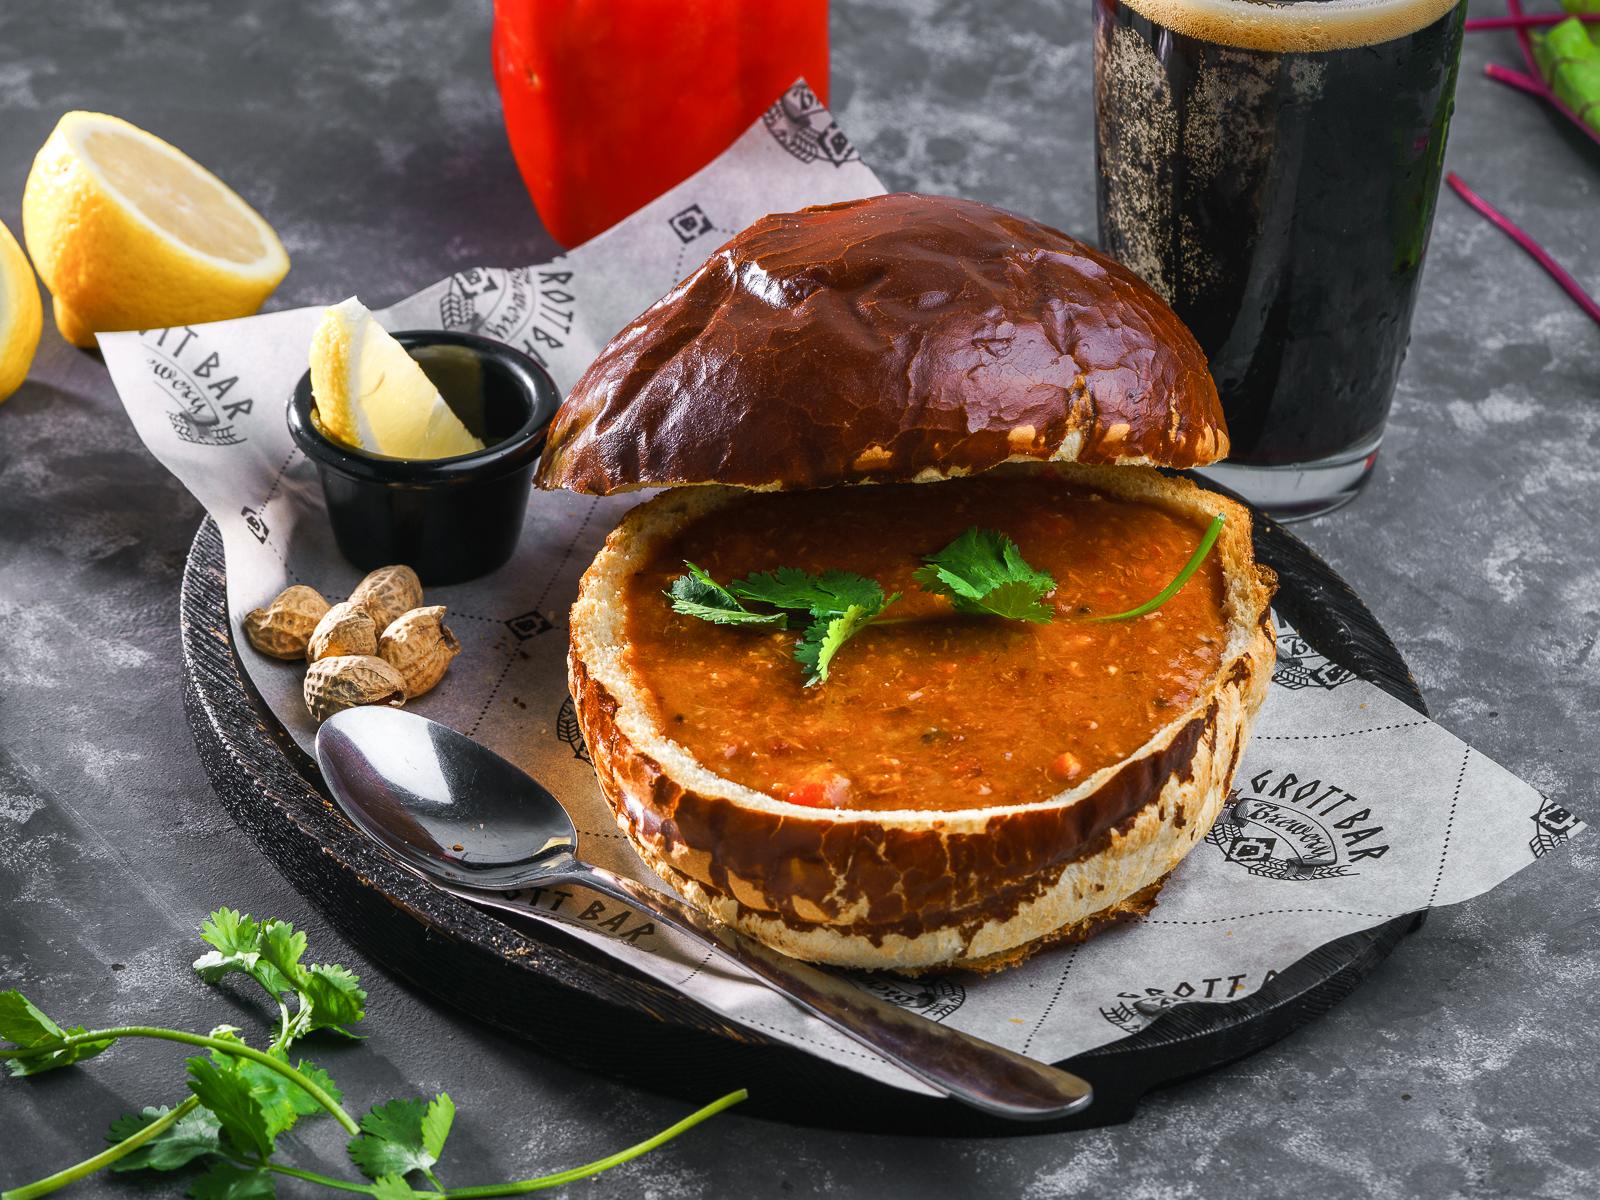 Австрийский суп-гуляш в брецелевом хлебе